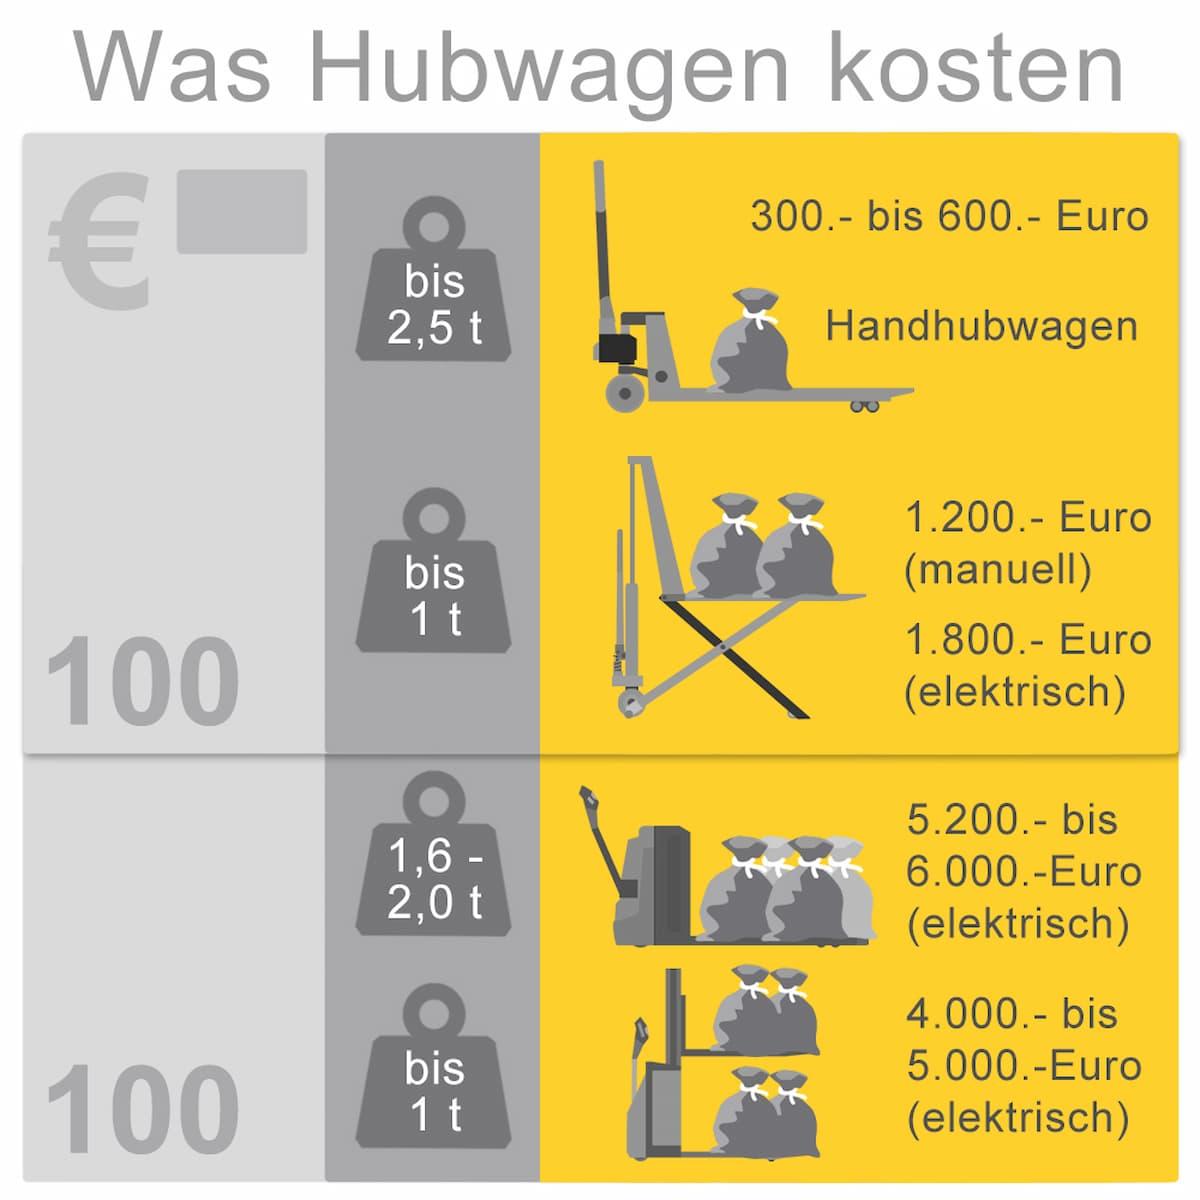 Was Hubwagen kosten: Eine beispielhafte Übersicht